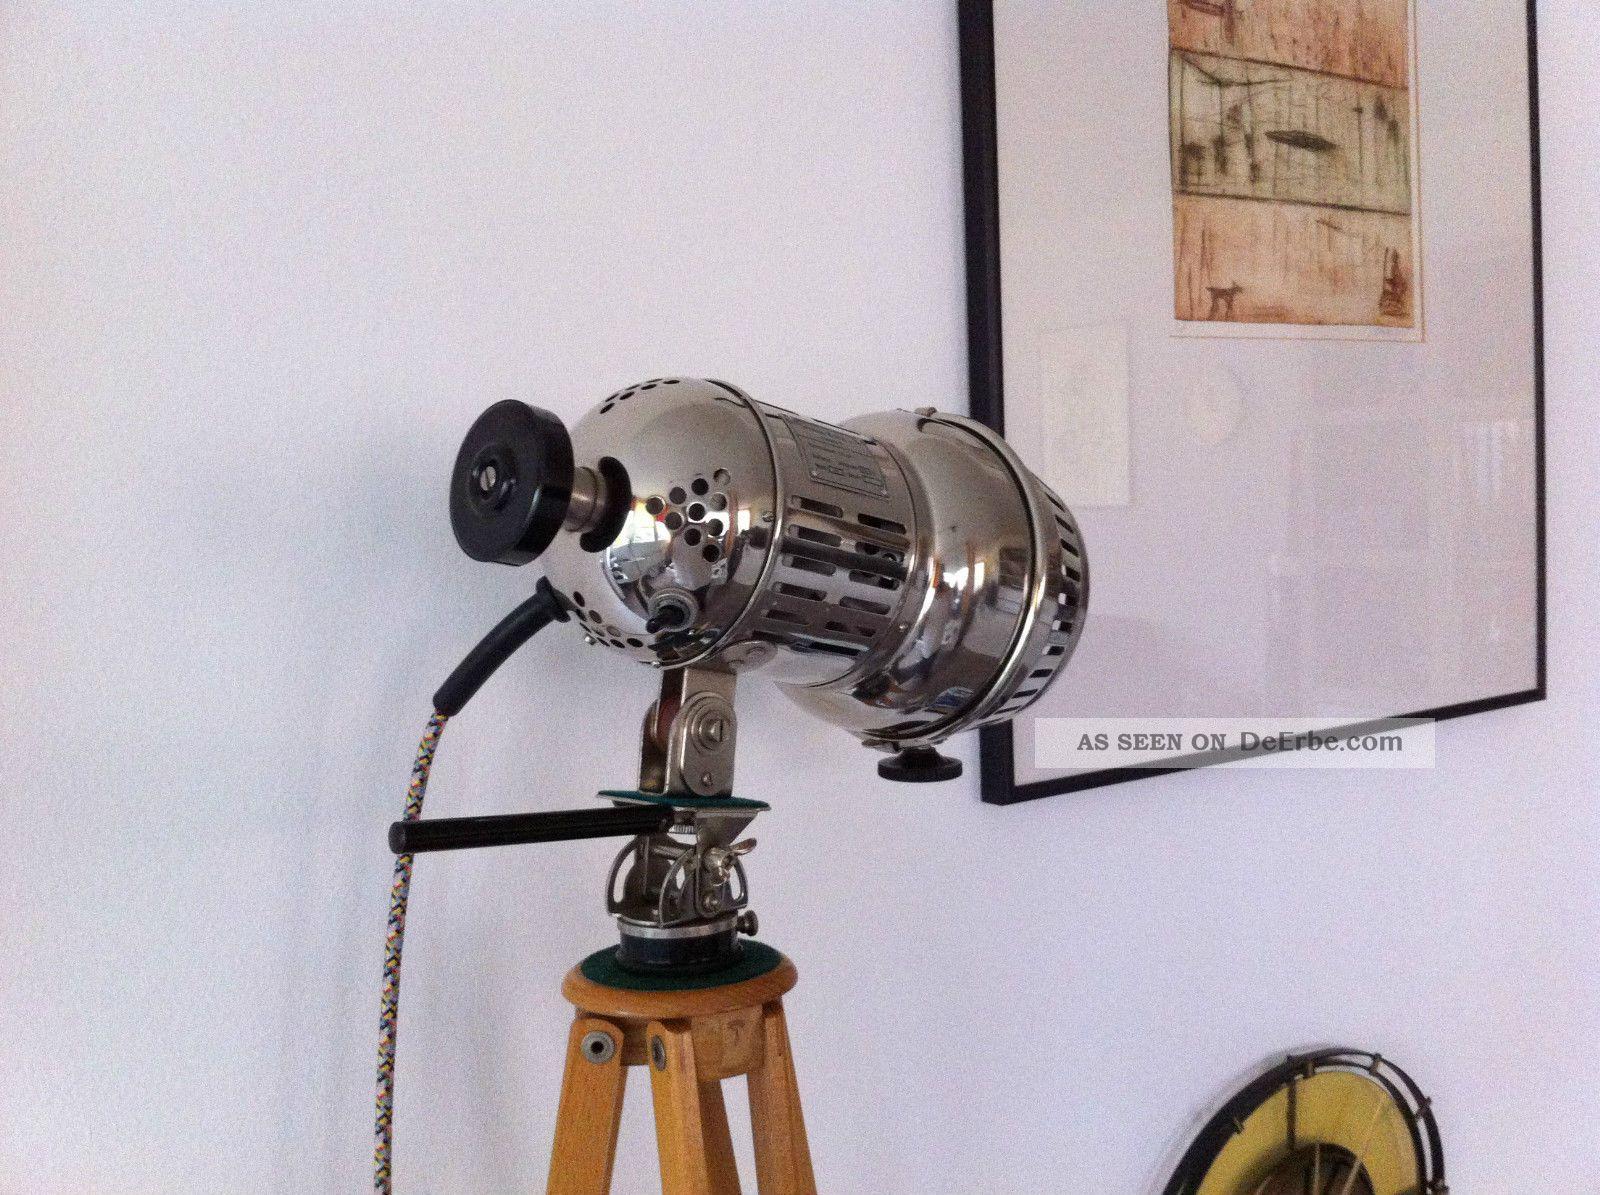 tripod lampe art deco holz stativ bauhaus loft vintage floor lamp stehlampe. Black Bedroom Furniture Sets. Home Design Ideas